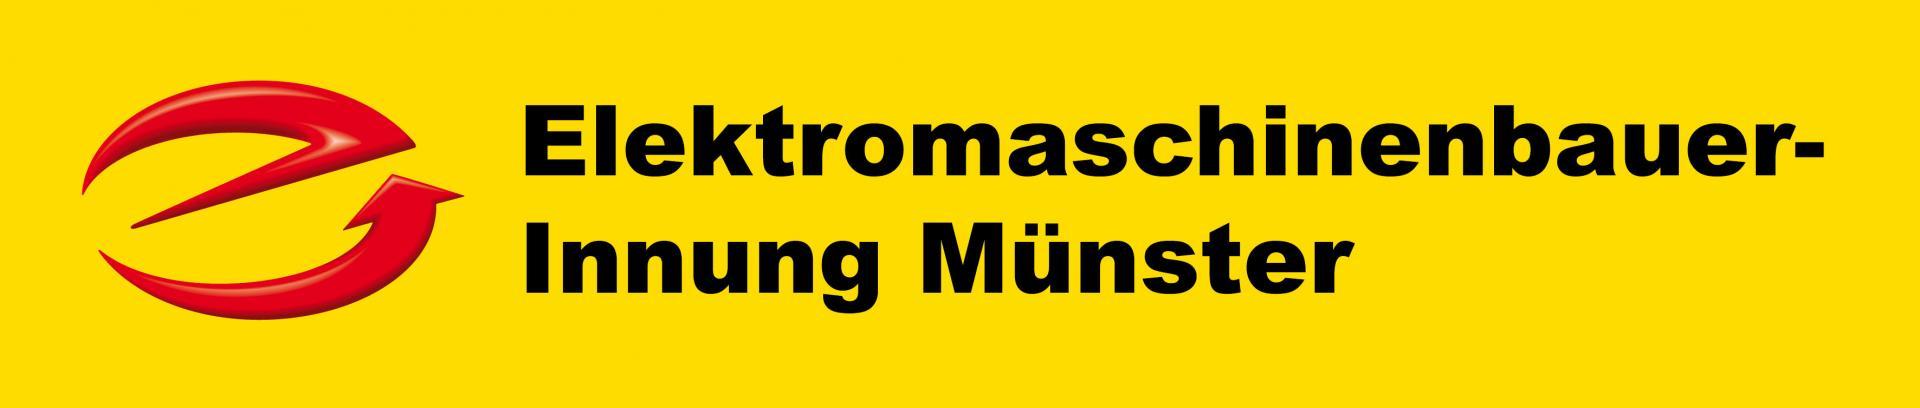 Elektromaschinenbauer‐Innung Münster